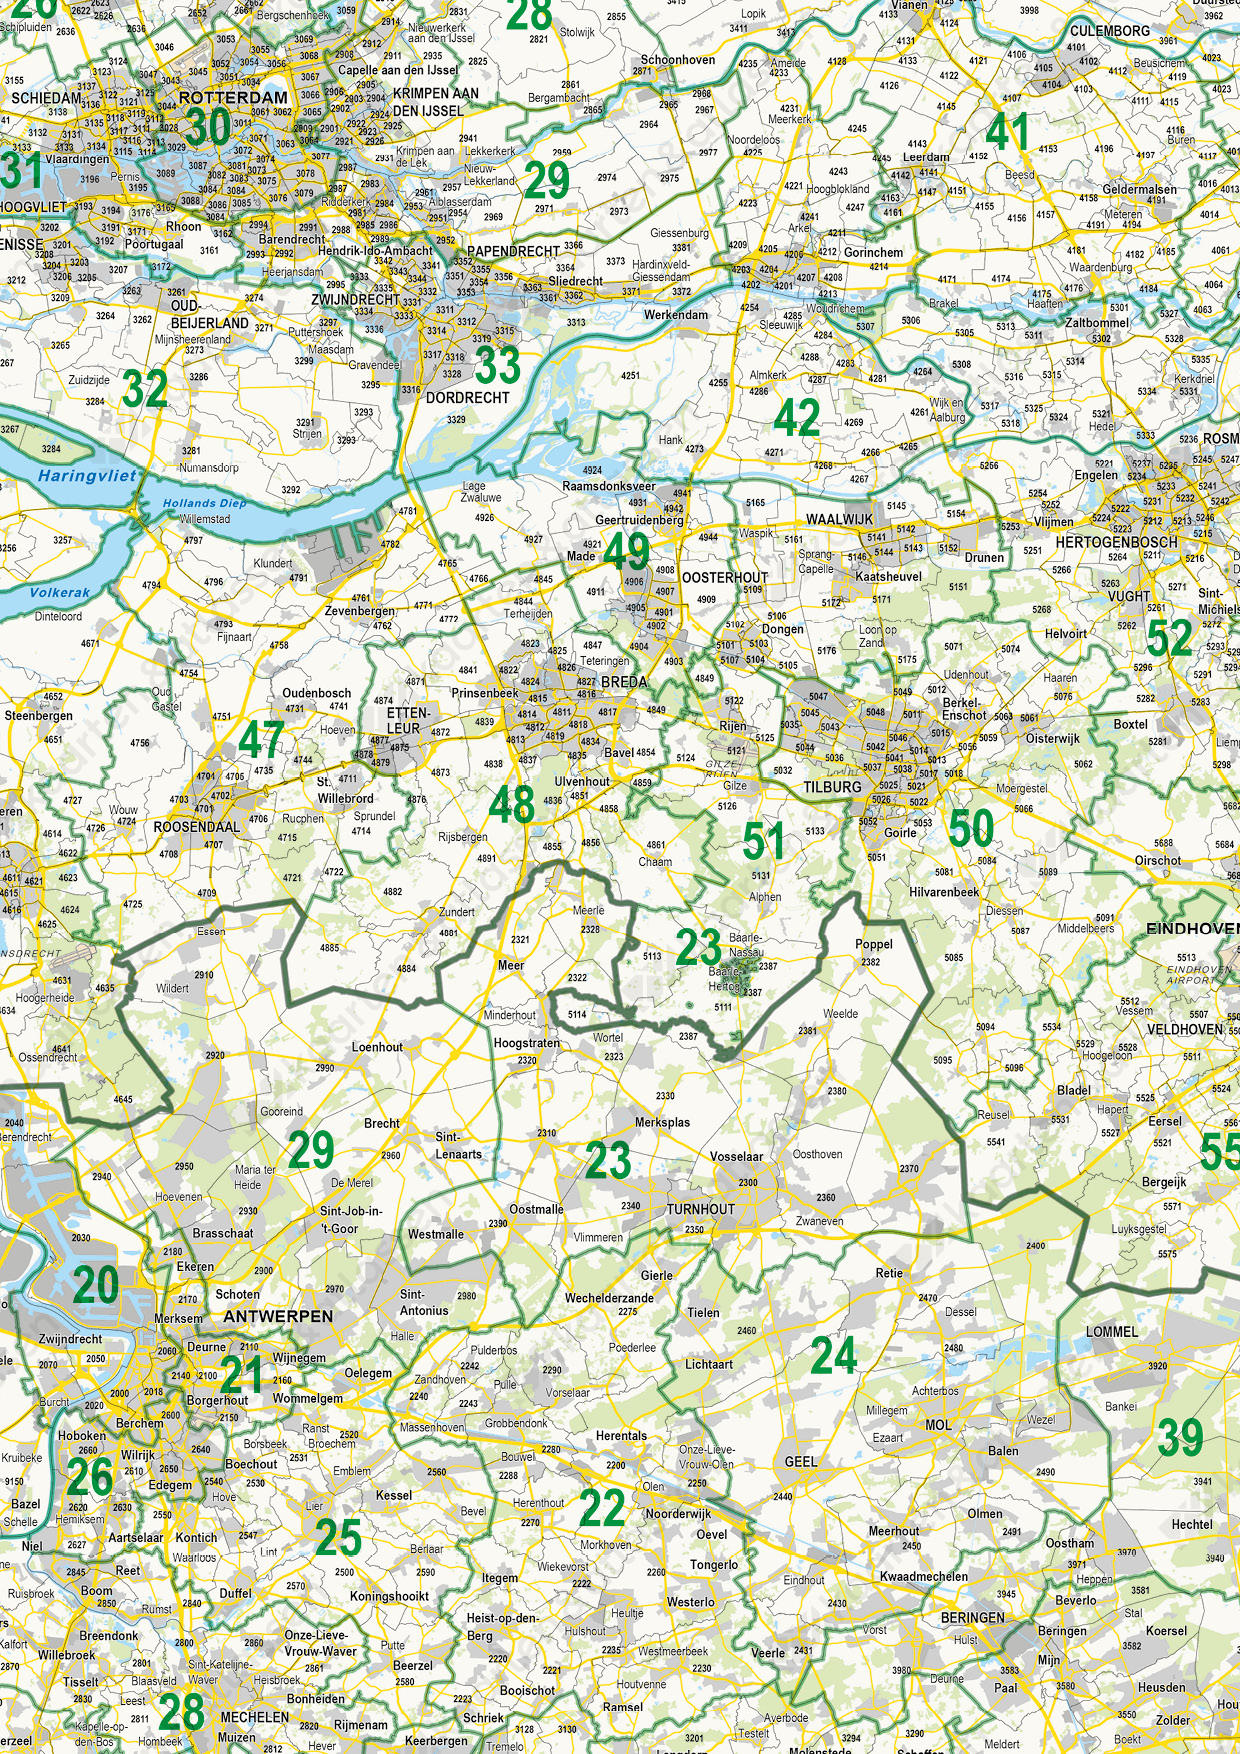 Digitale Postcodekaart Benelux 2- en 4-cijferig